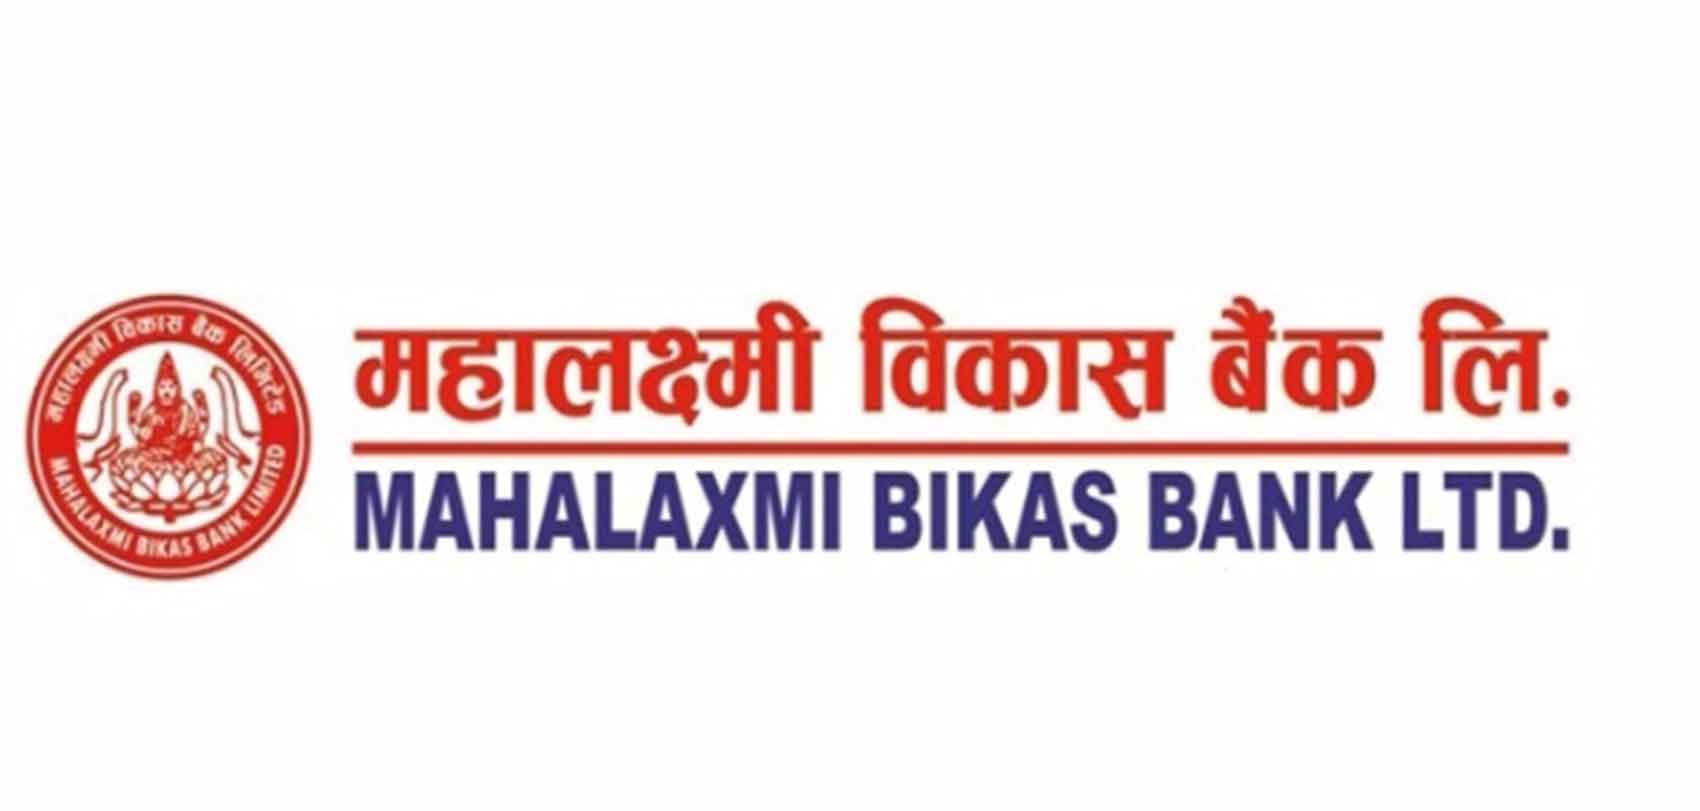 महालक्ष्मी विकास बैंकको सेयर स्वामित्व परिमार्जन